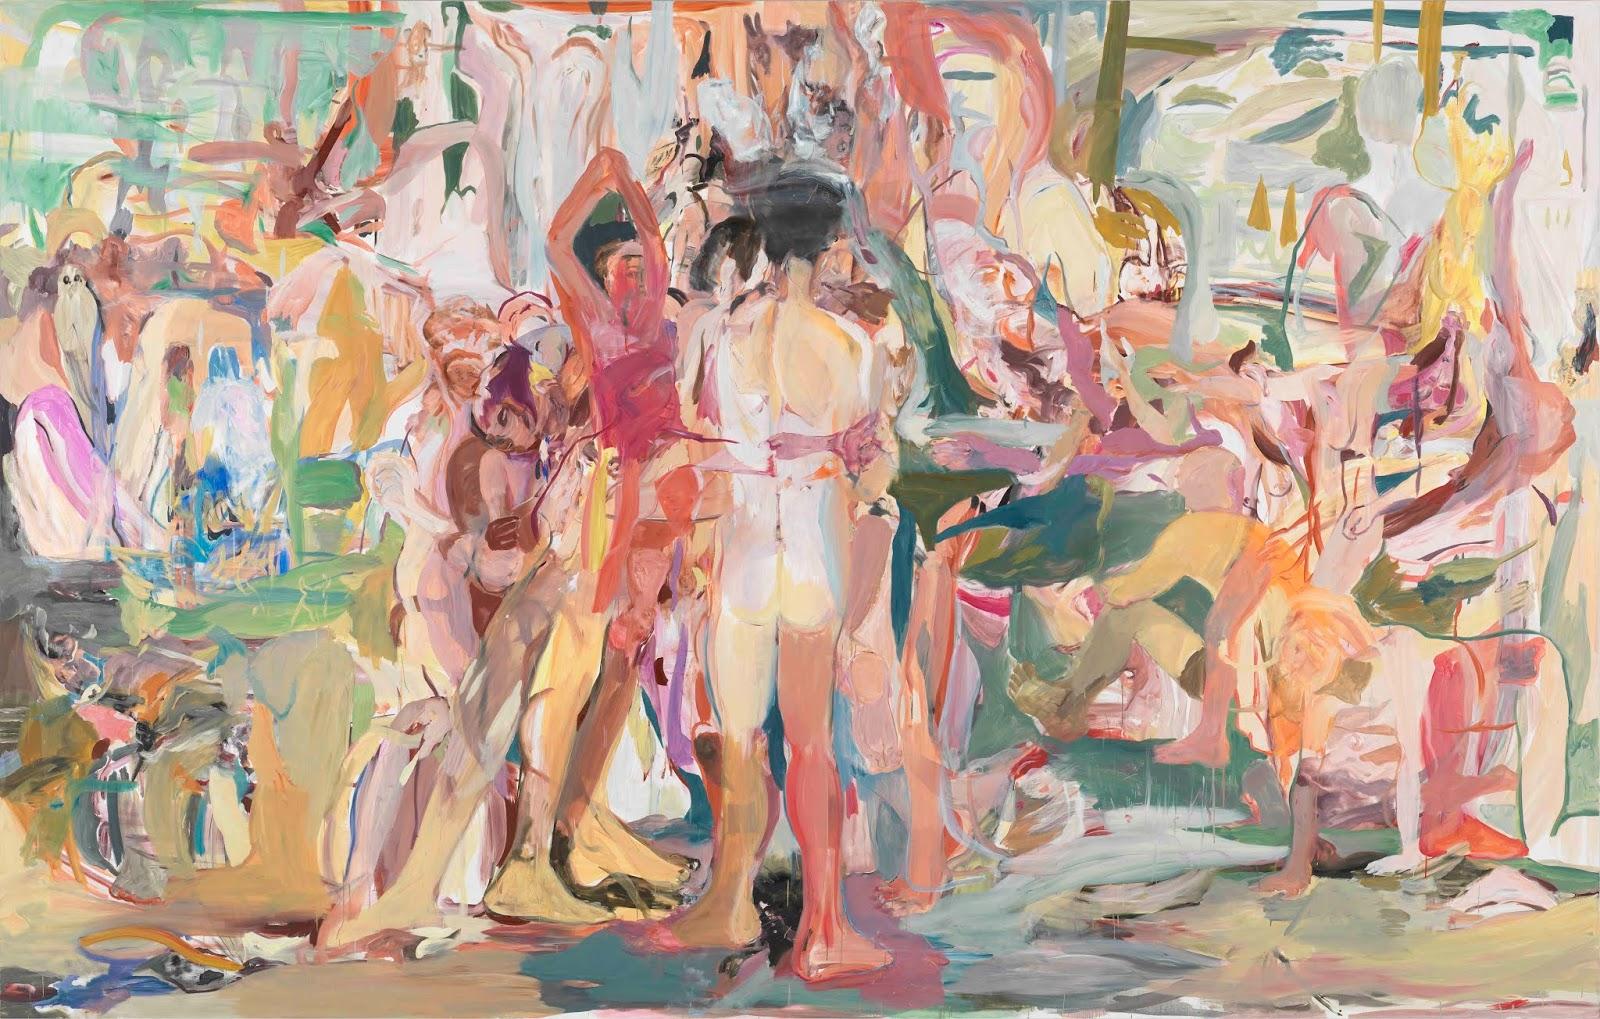 cecily brown artistas mujeres figuracion abstraccion arte contemporaneo